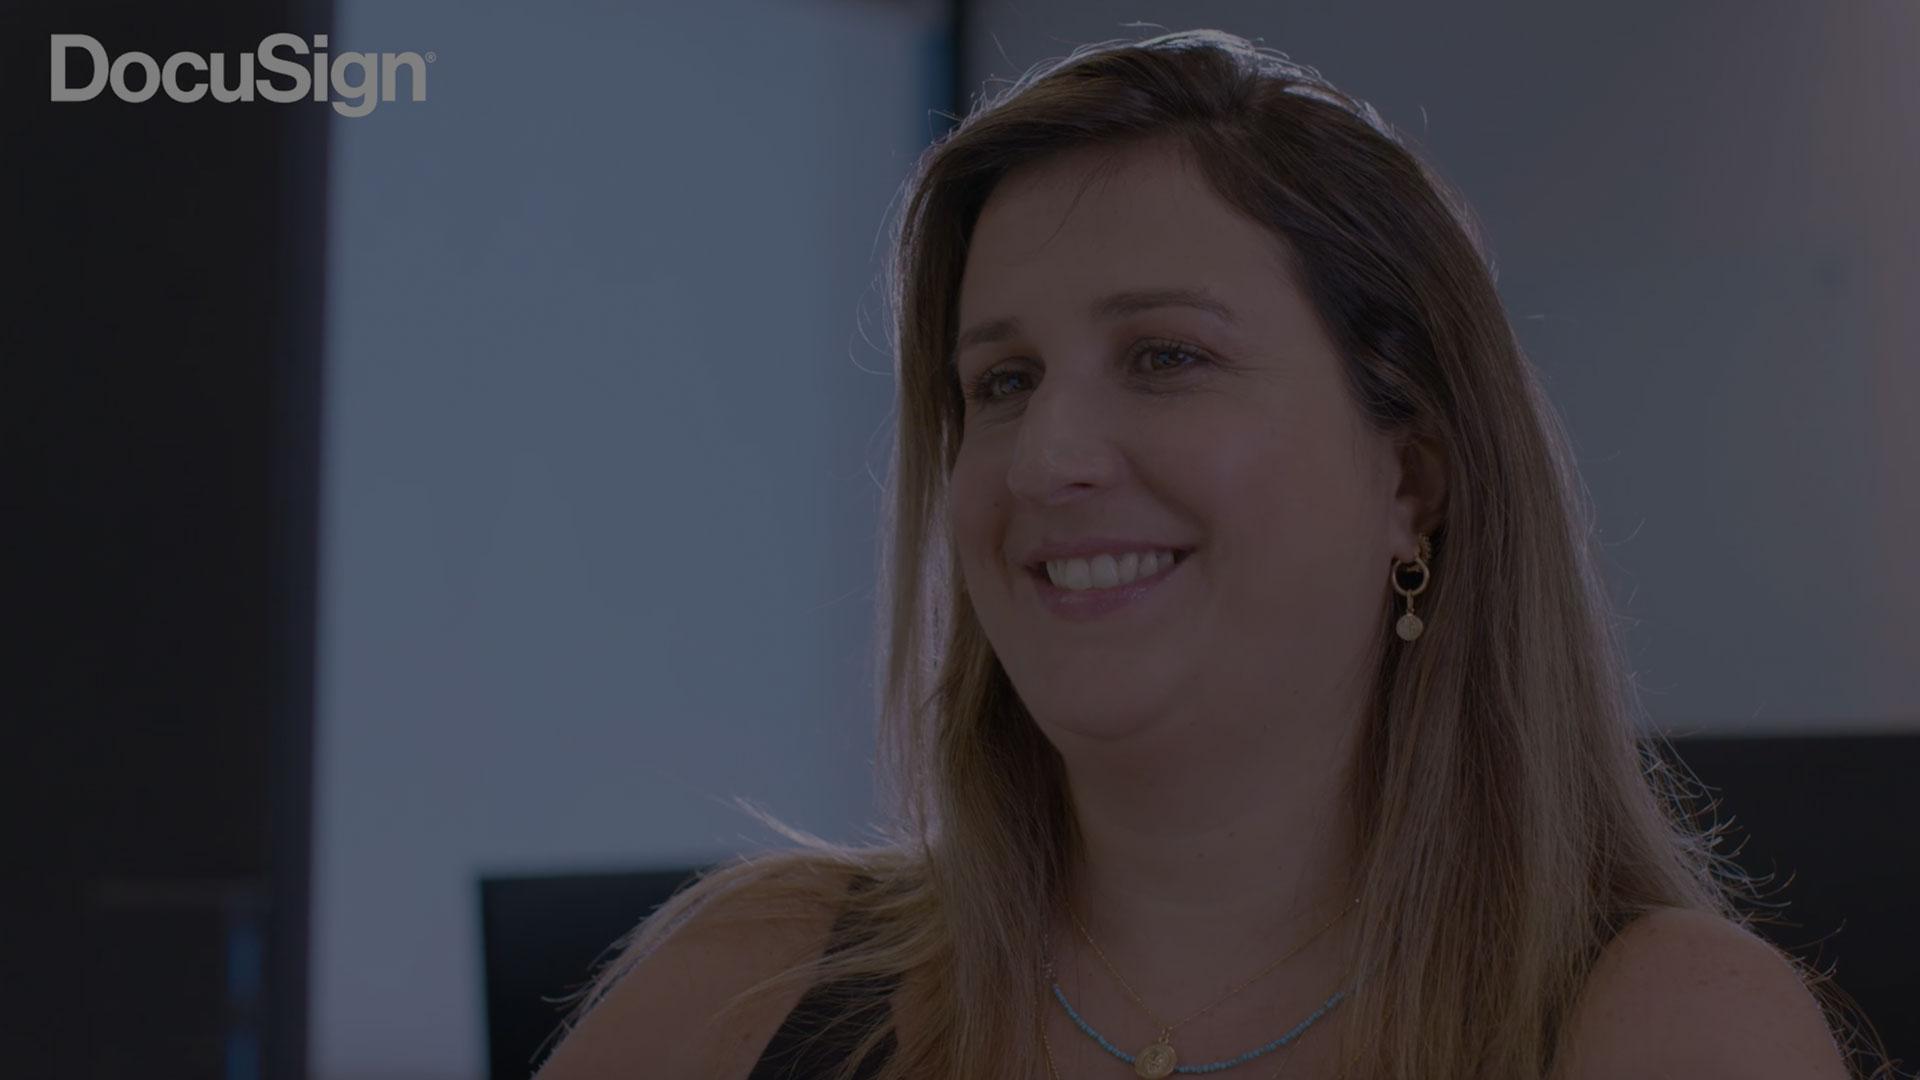 Alexandra Papangelacos, Head de Vendas da Vindi e cliente DocuSign, no escritório da empresa